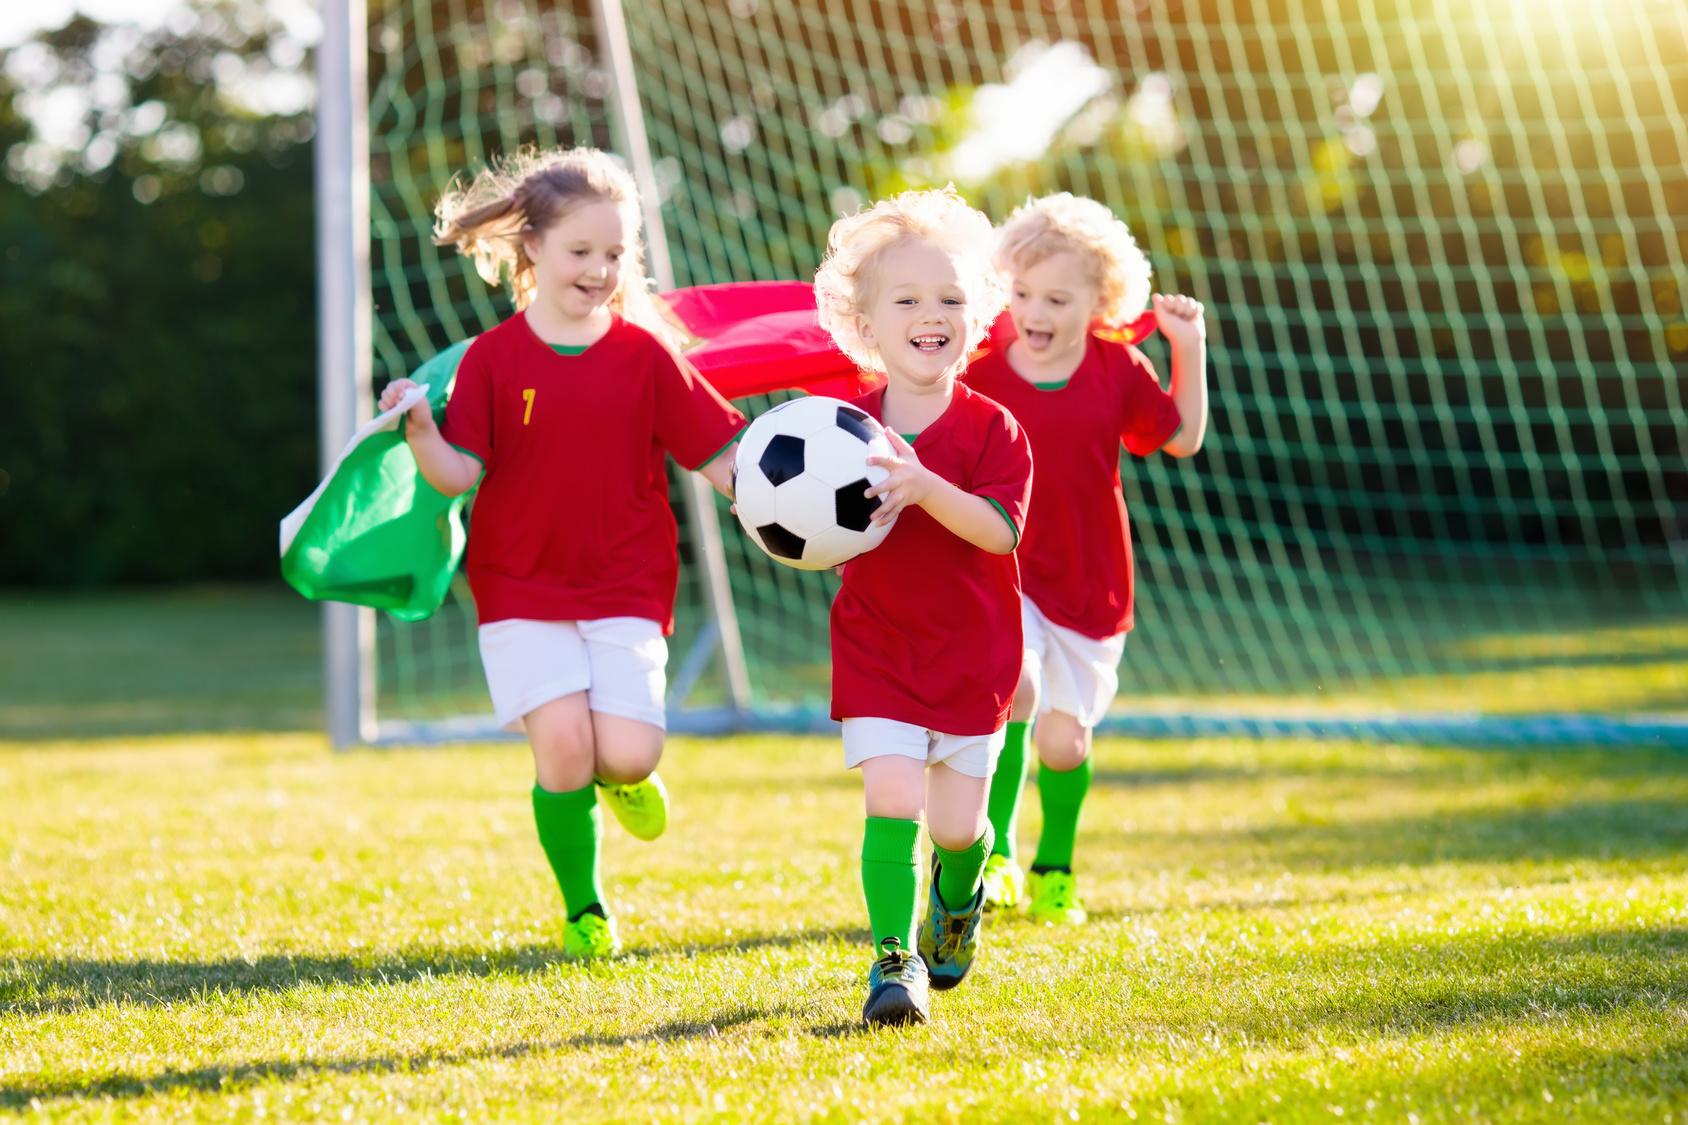 Dziecko i sport. Jaką dyscyplinę wybrać? Na co zwrócić uwagę?